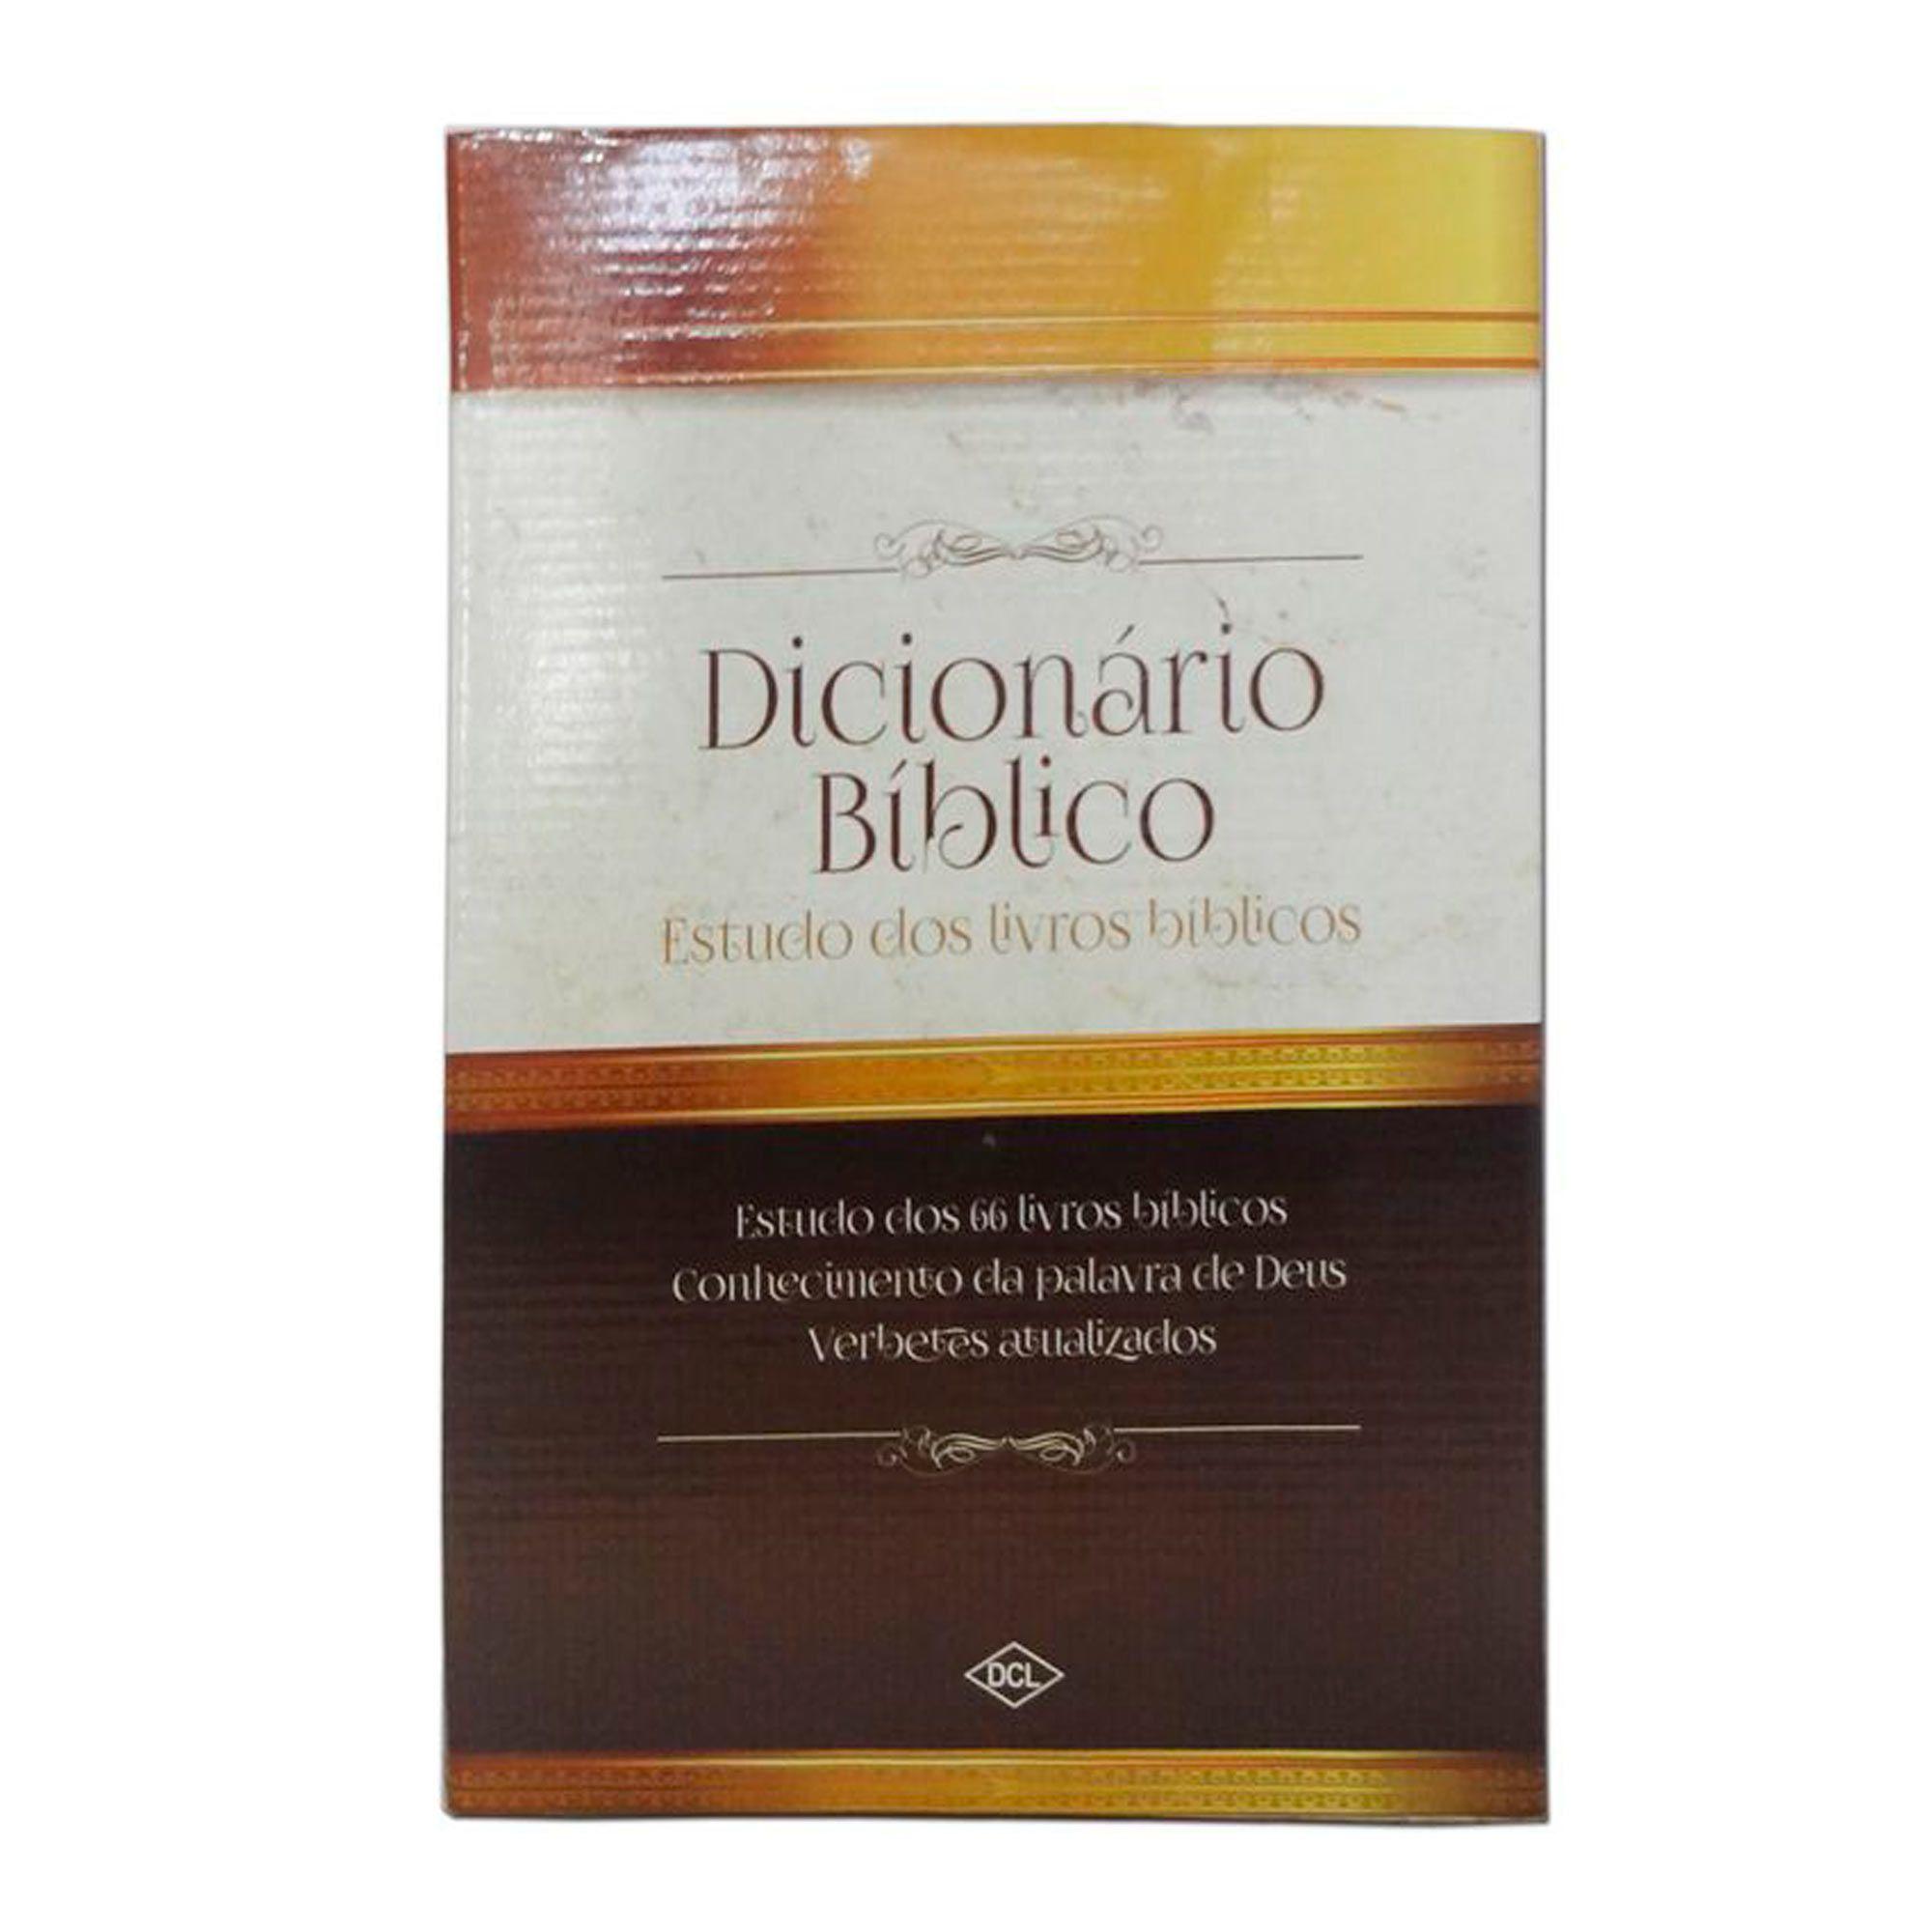 Dicionário Bíblico CCB Estudo Dos Livros